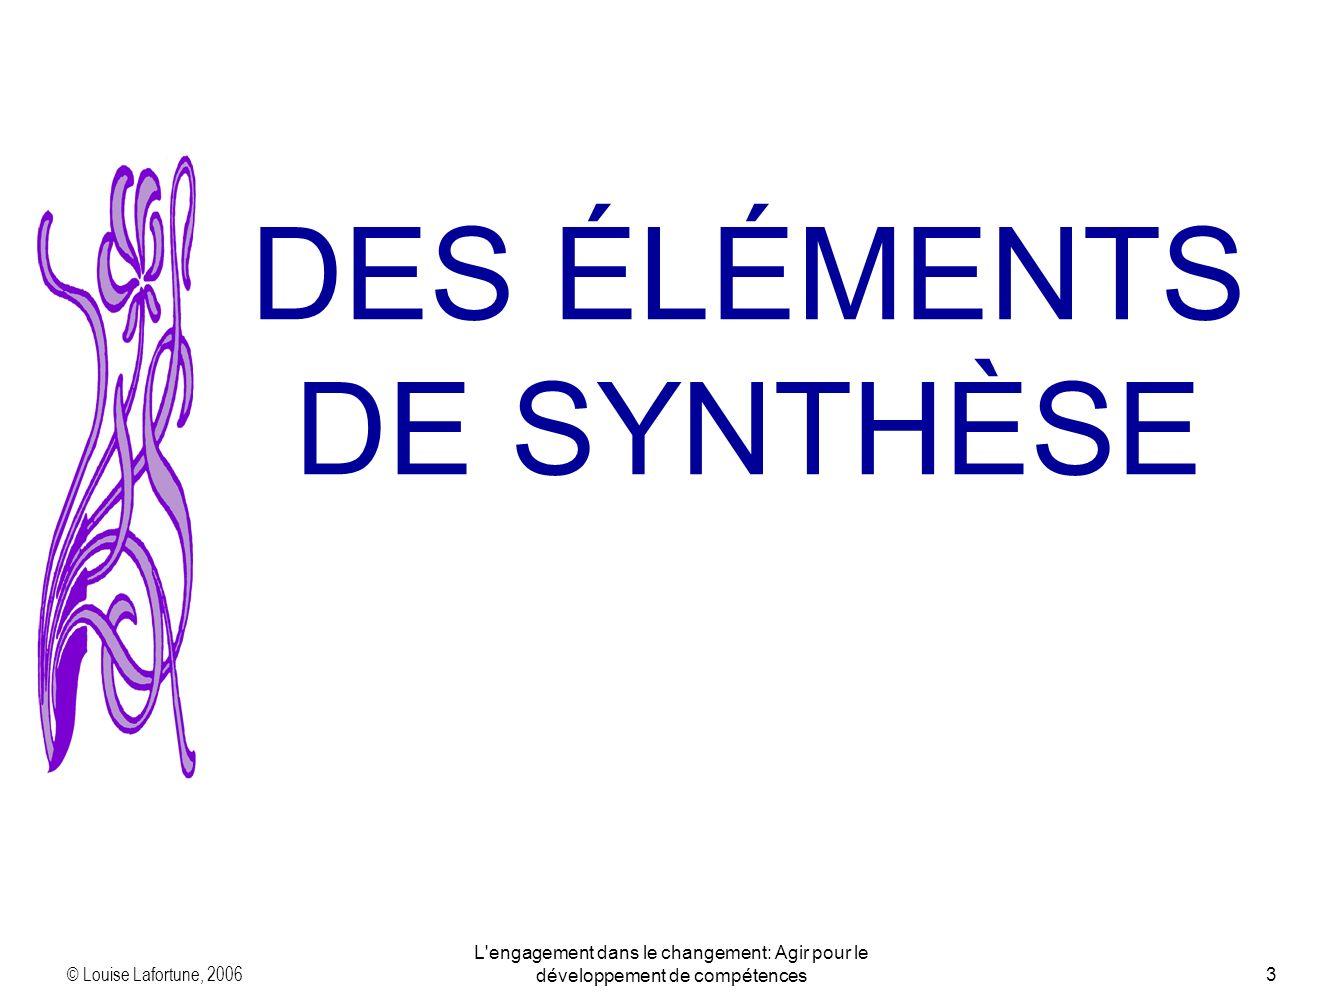 © Louise Lafortune, 2006 L'engagement dans le changement: Agir pour le développement de compétences3 DES ÉLÉMENTS DE SYNTHÈSE